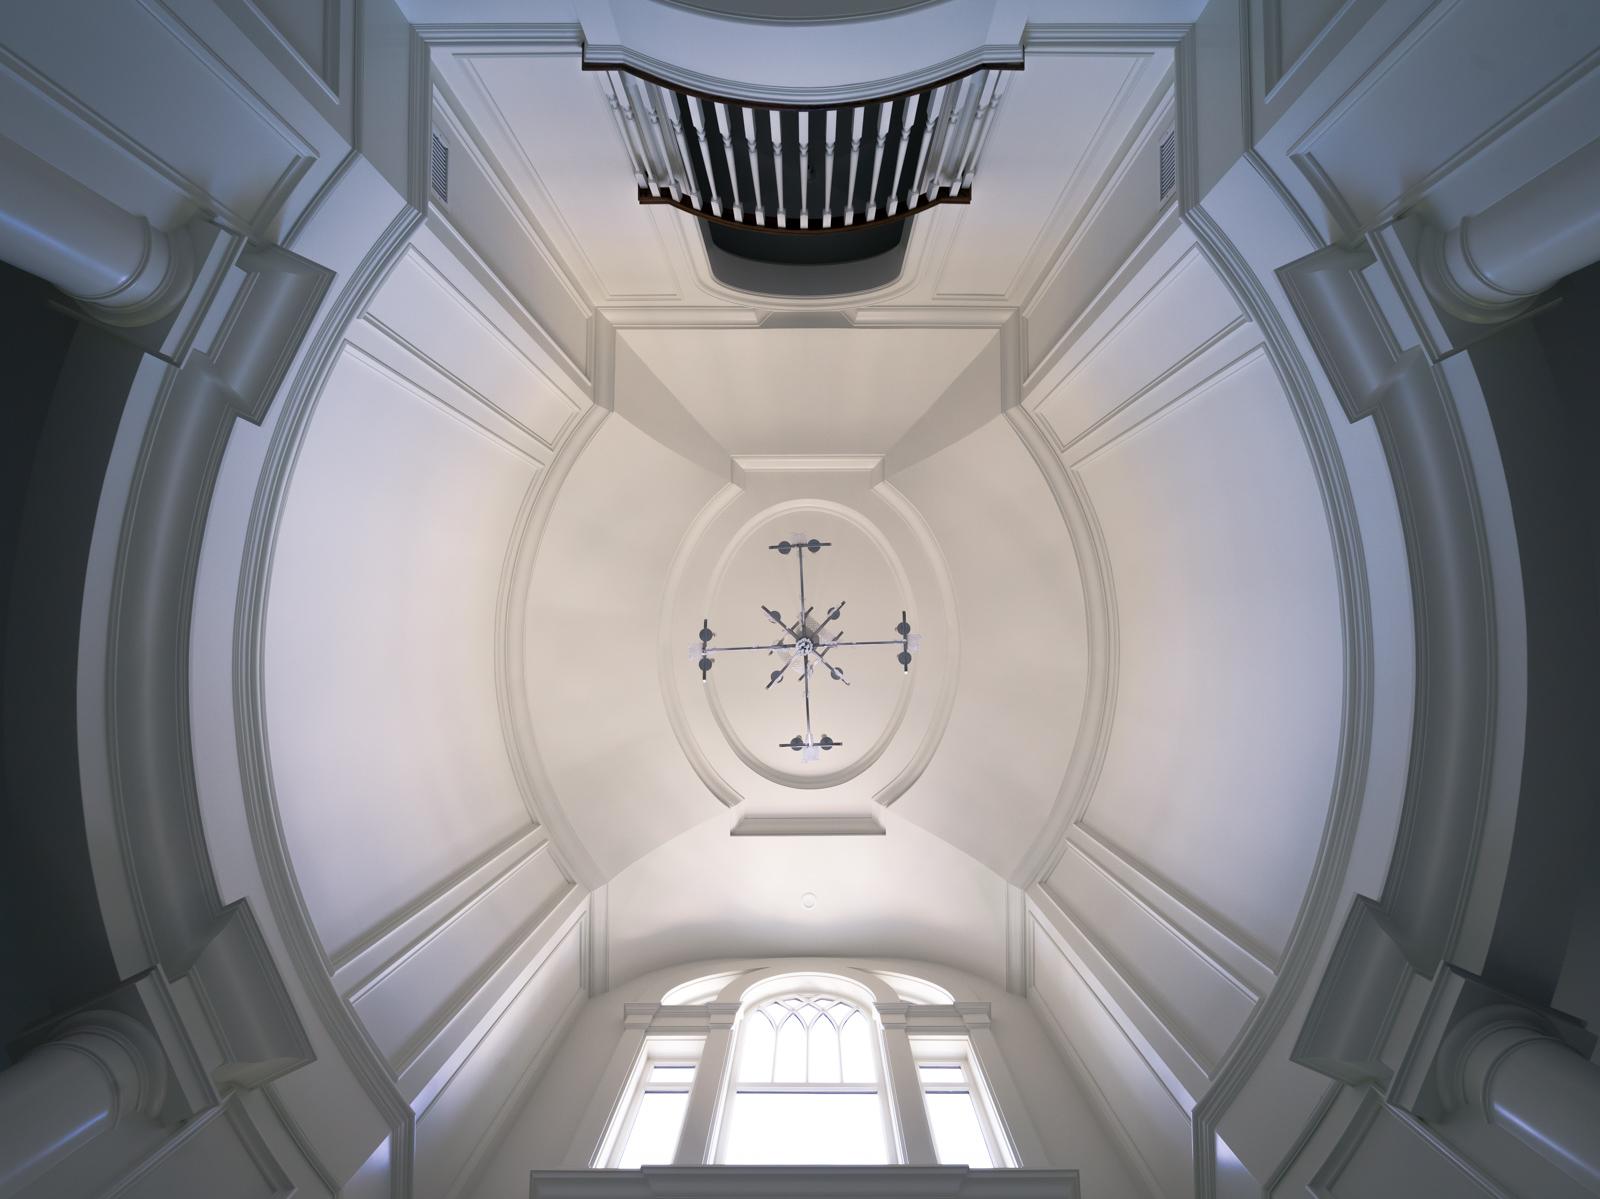 hassleblad_RE_typoland_architecture-2.jpg